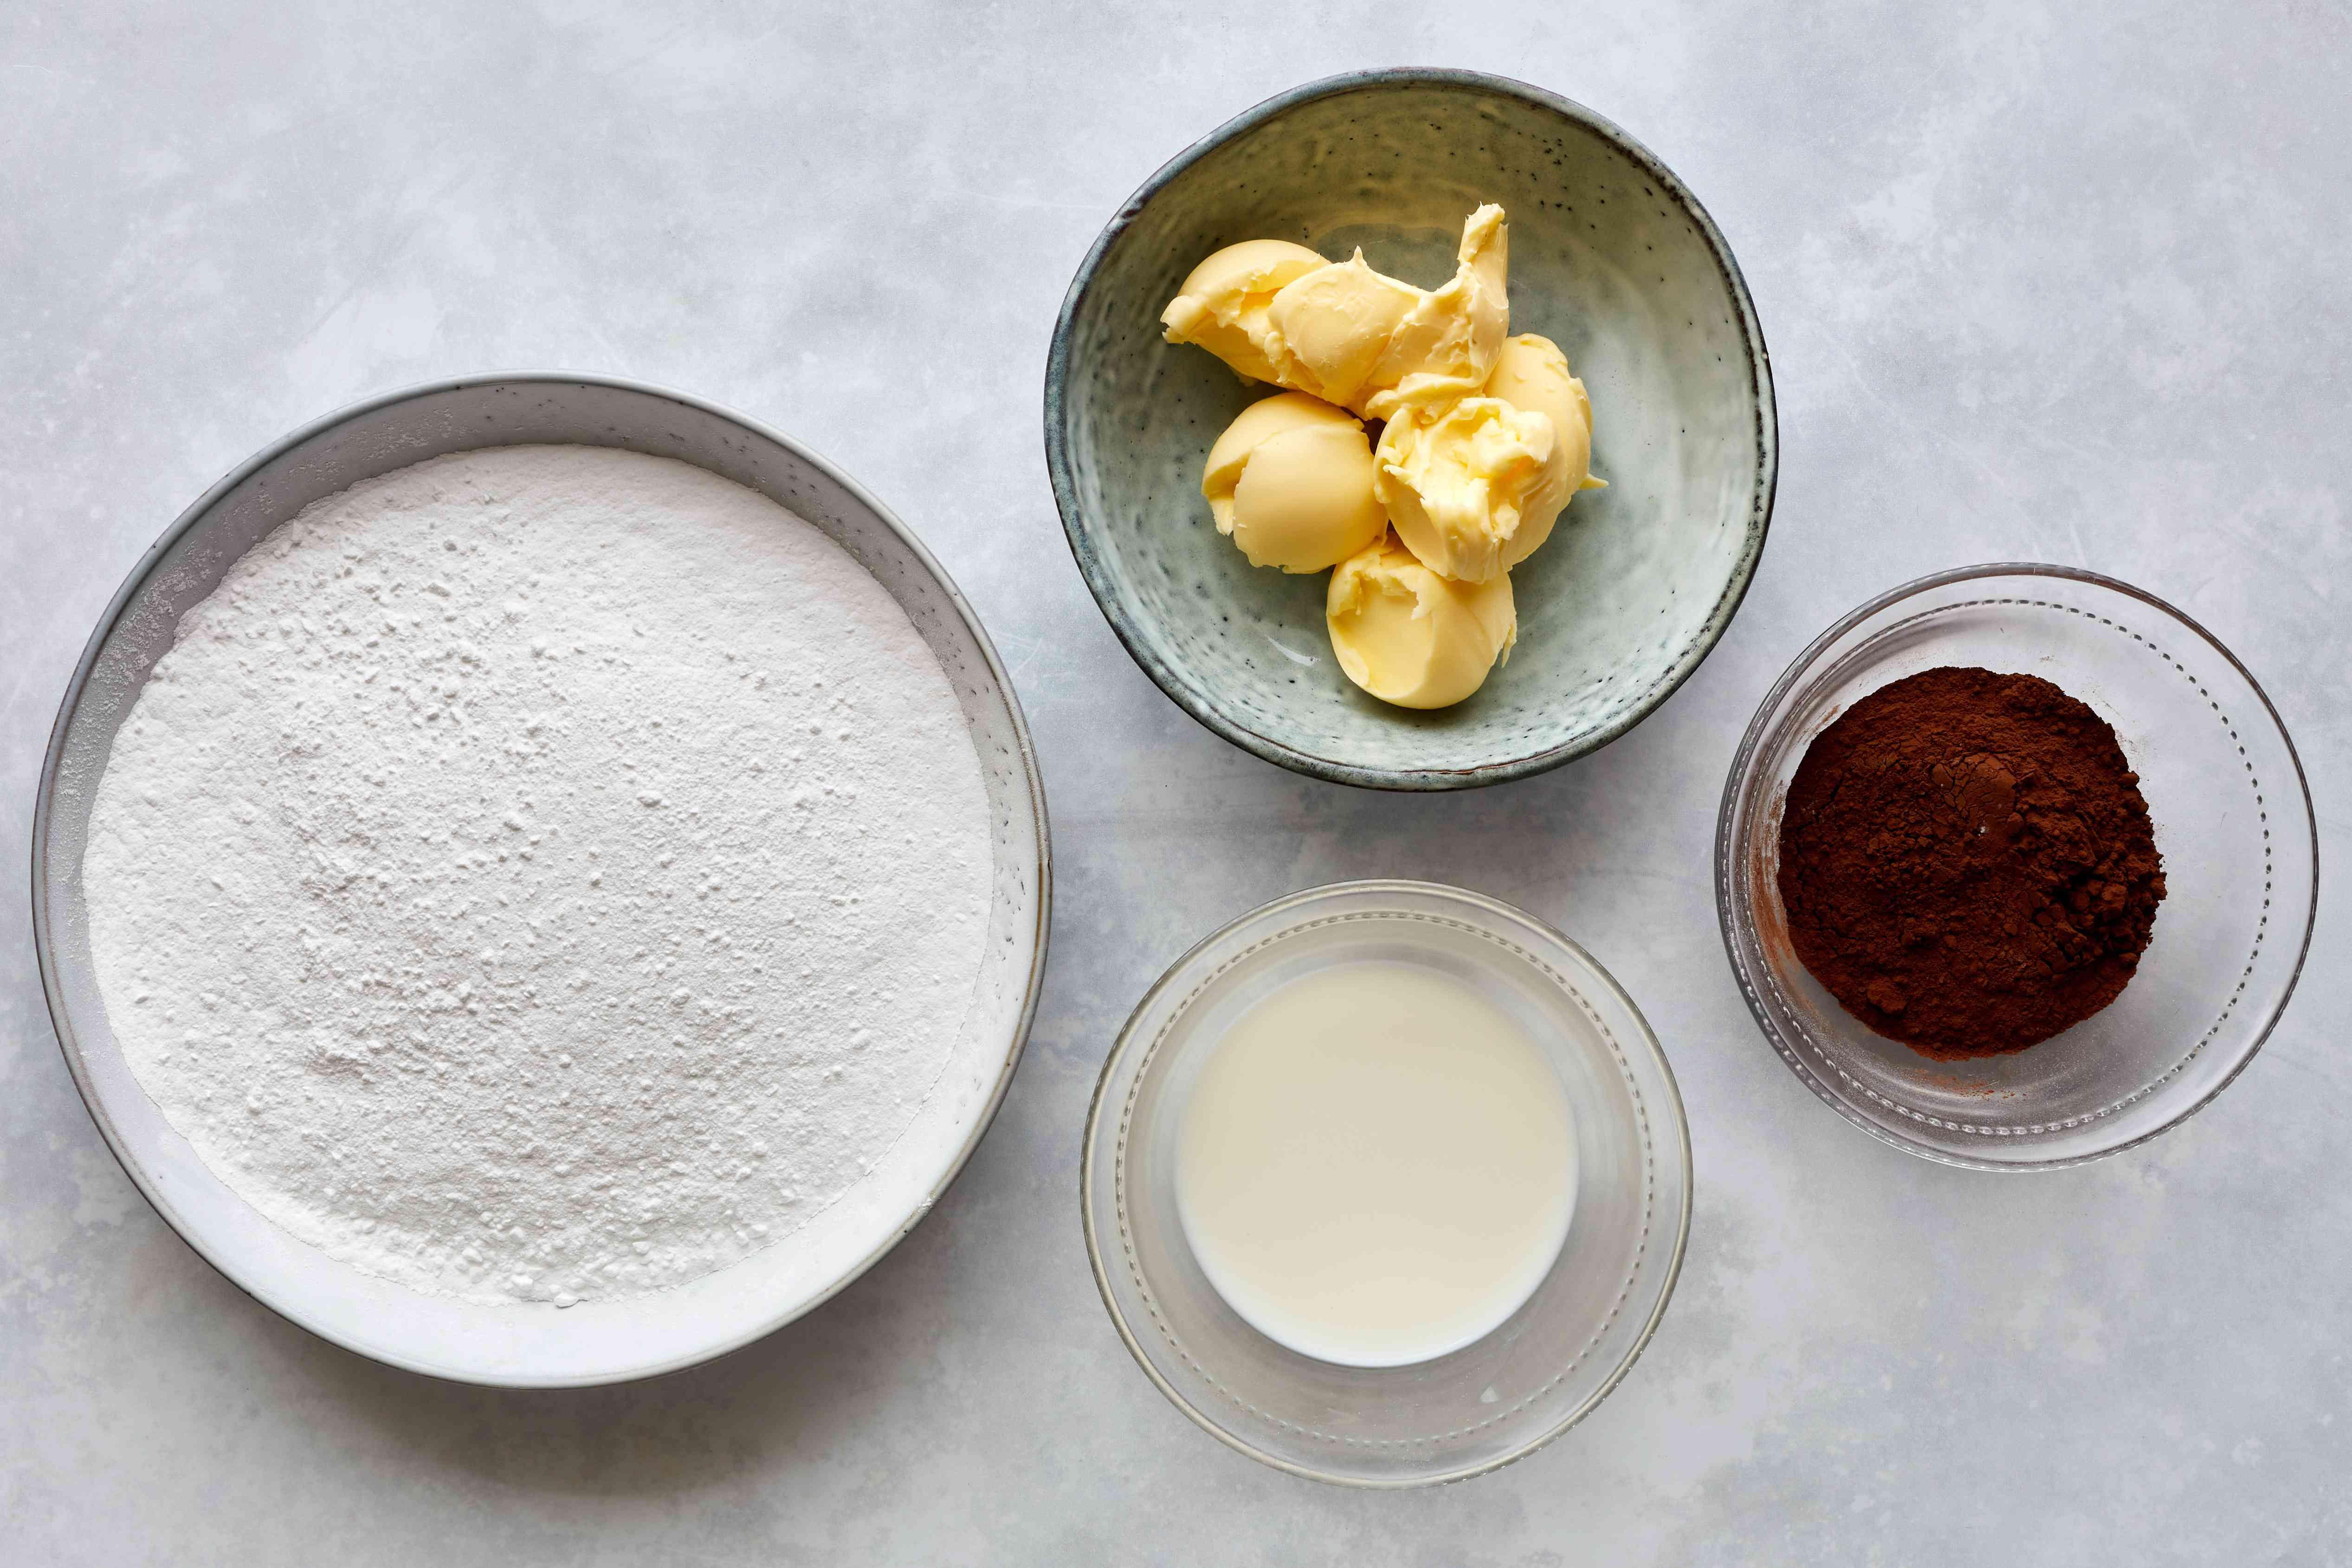 sugar, butter, cocoa powder, milk